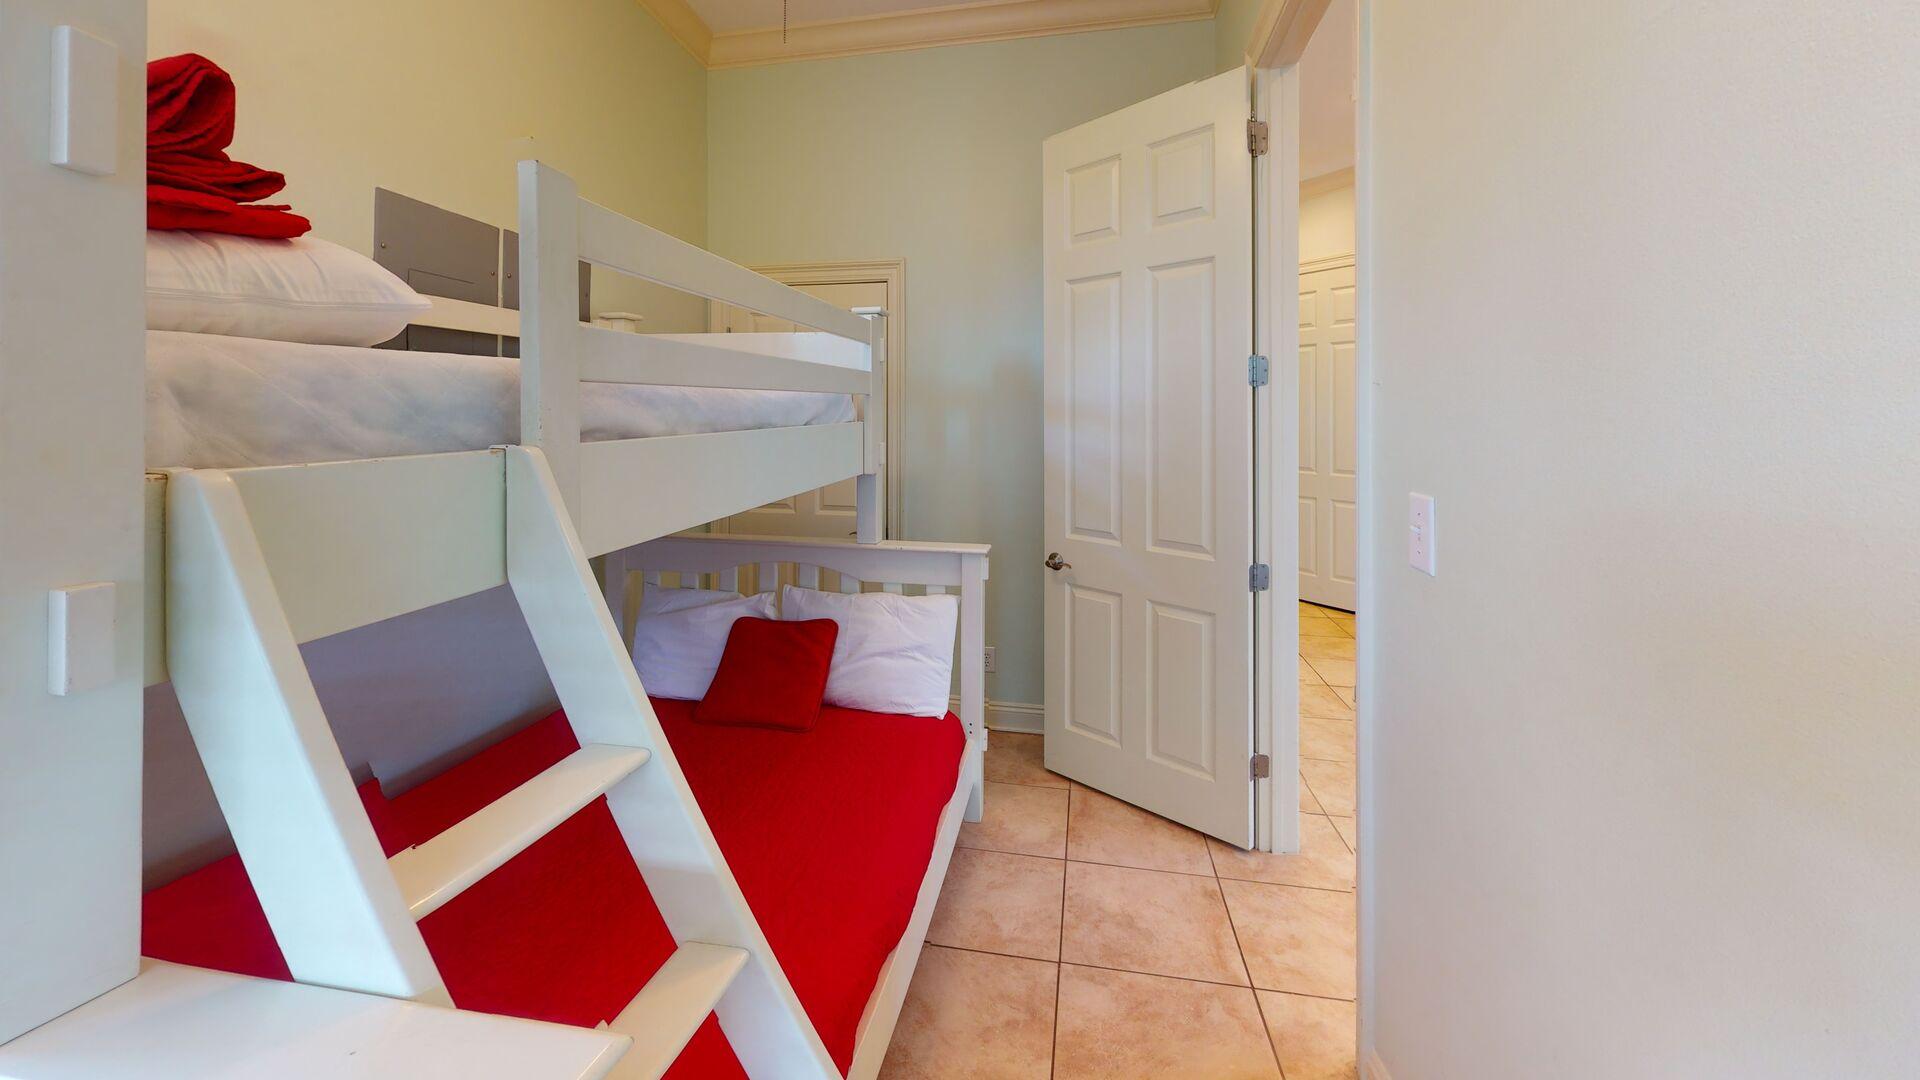 Ground floor bedroom 4 sleeps 3